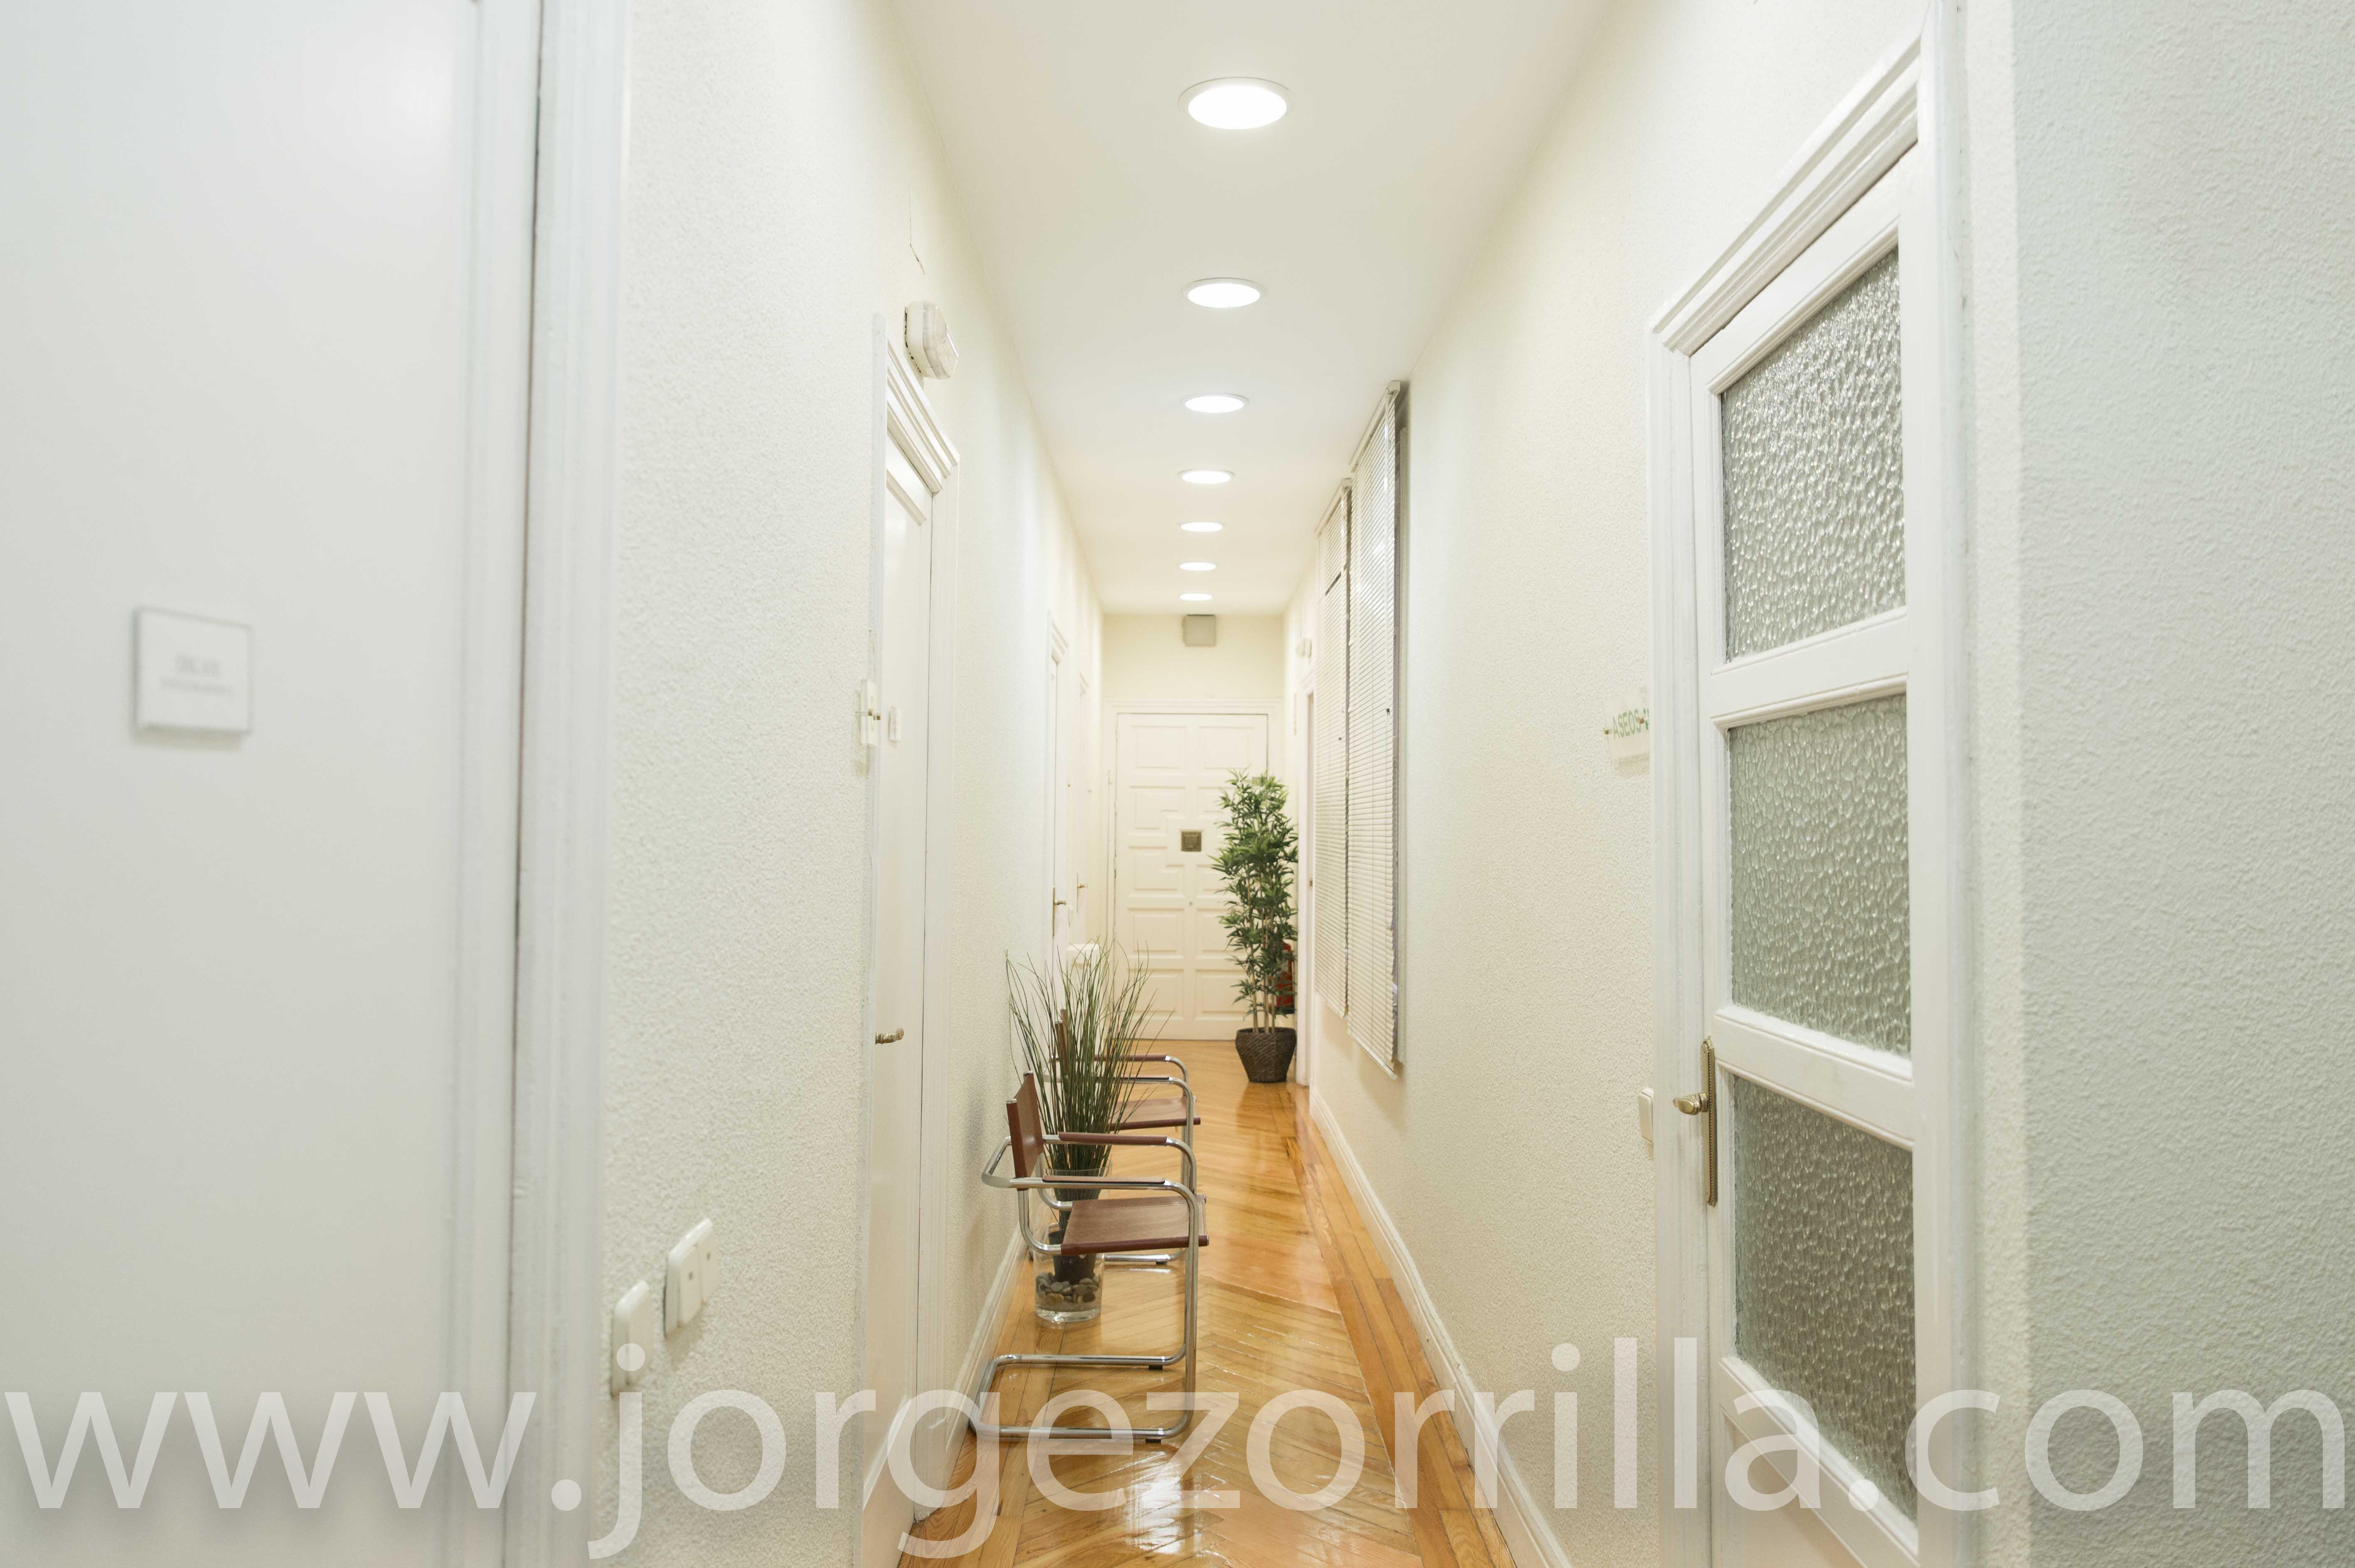 Fotografía Centro de Negocios Balder en Madrid © Jorge Zorrilla Fotógrafo Madrid